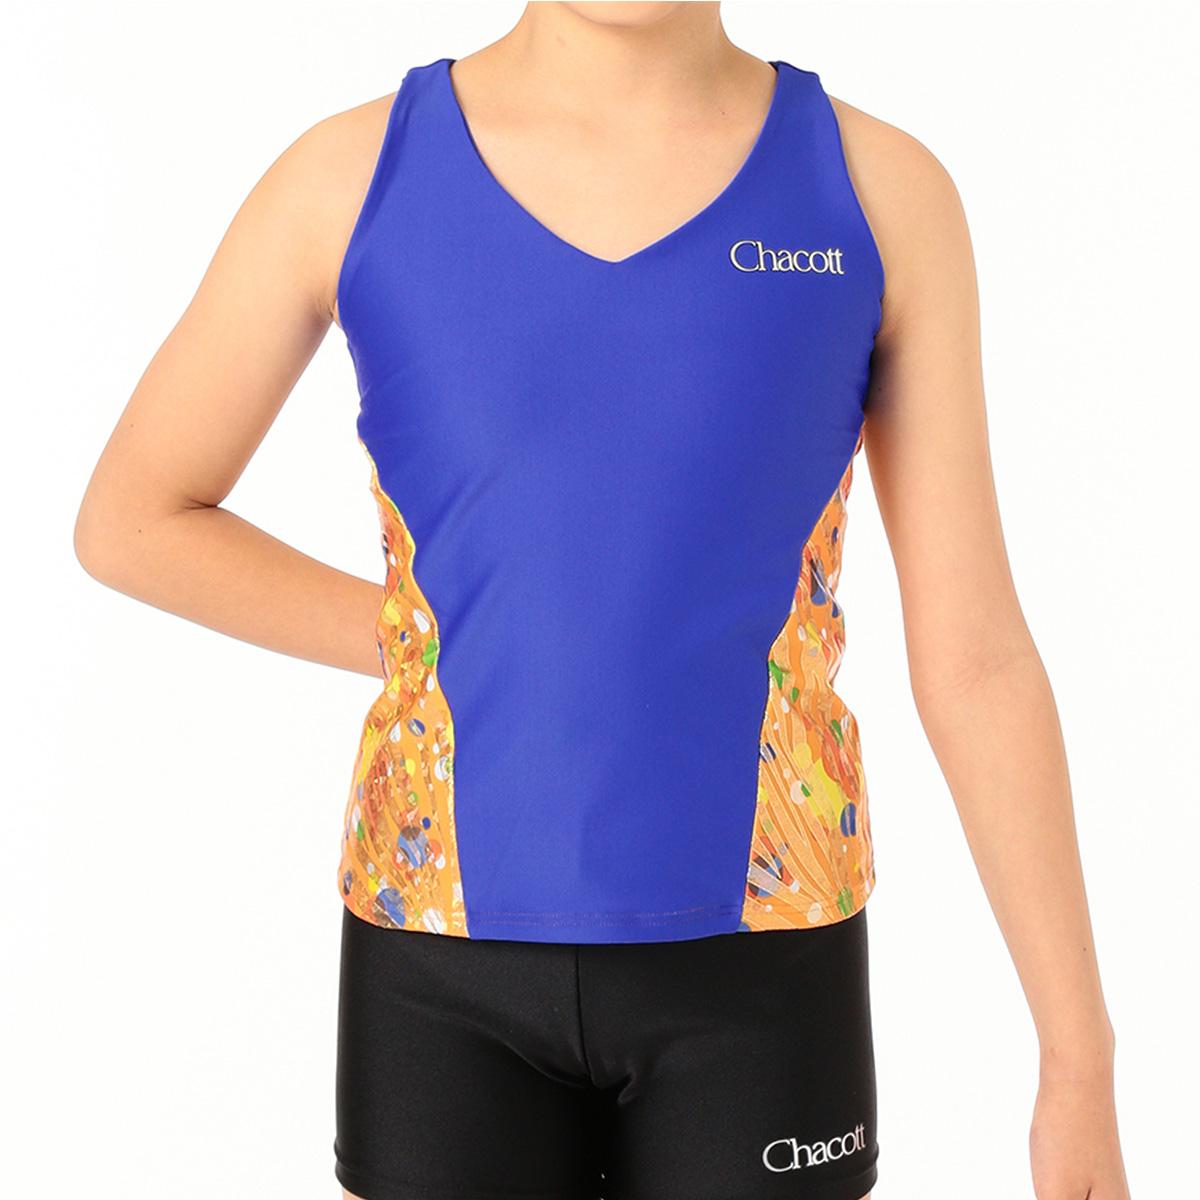 チャコット 新体操 公式 chacott クロスバックロングトップ オンラインショップ限定 数量は多 正規逆輸入品